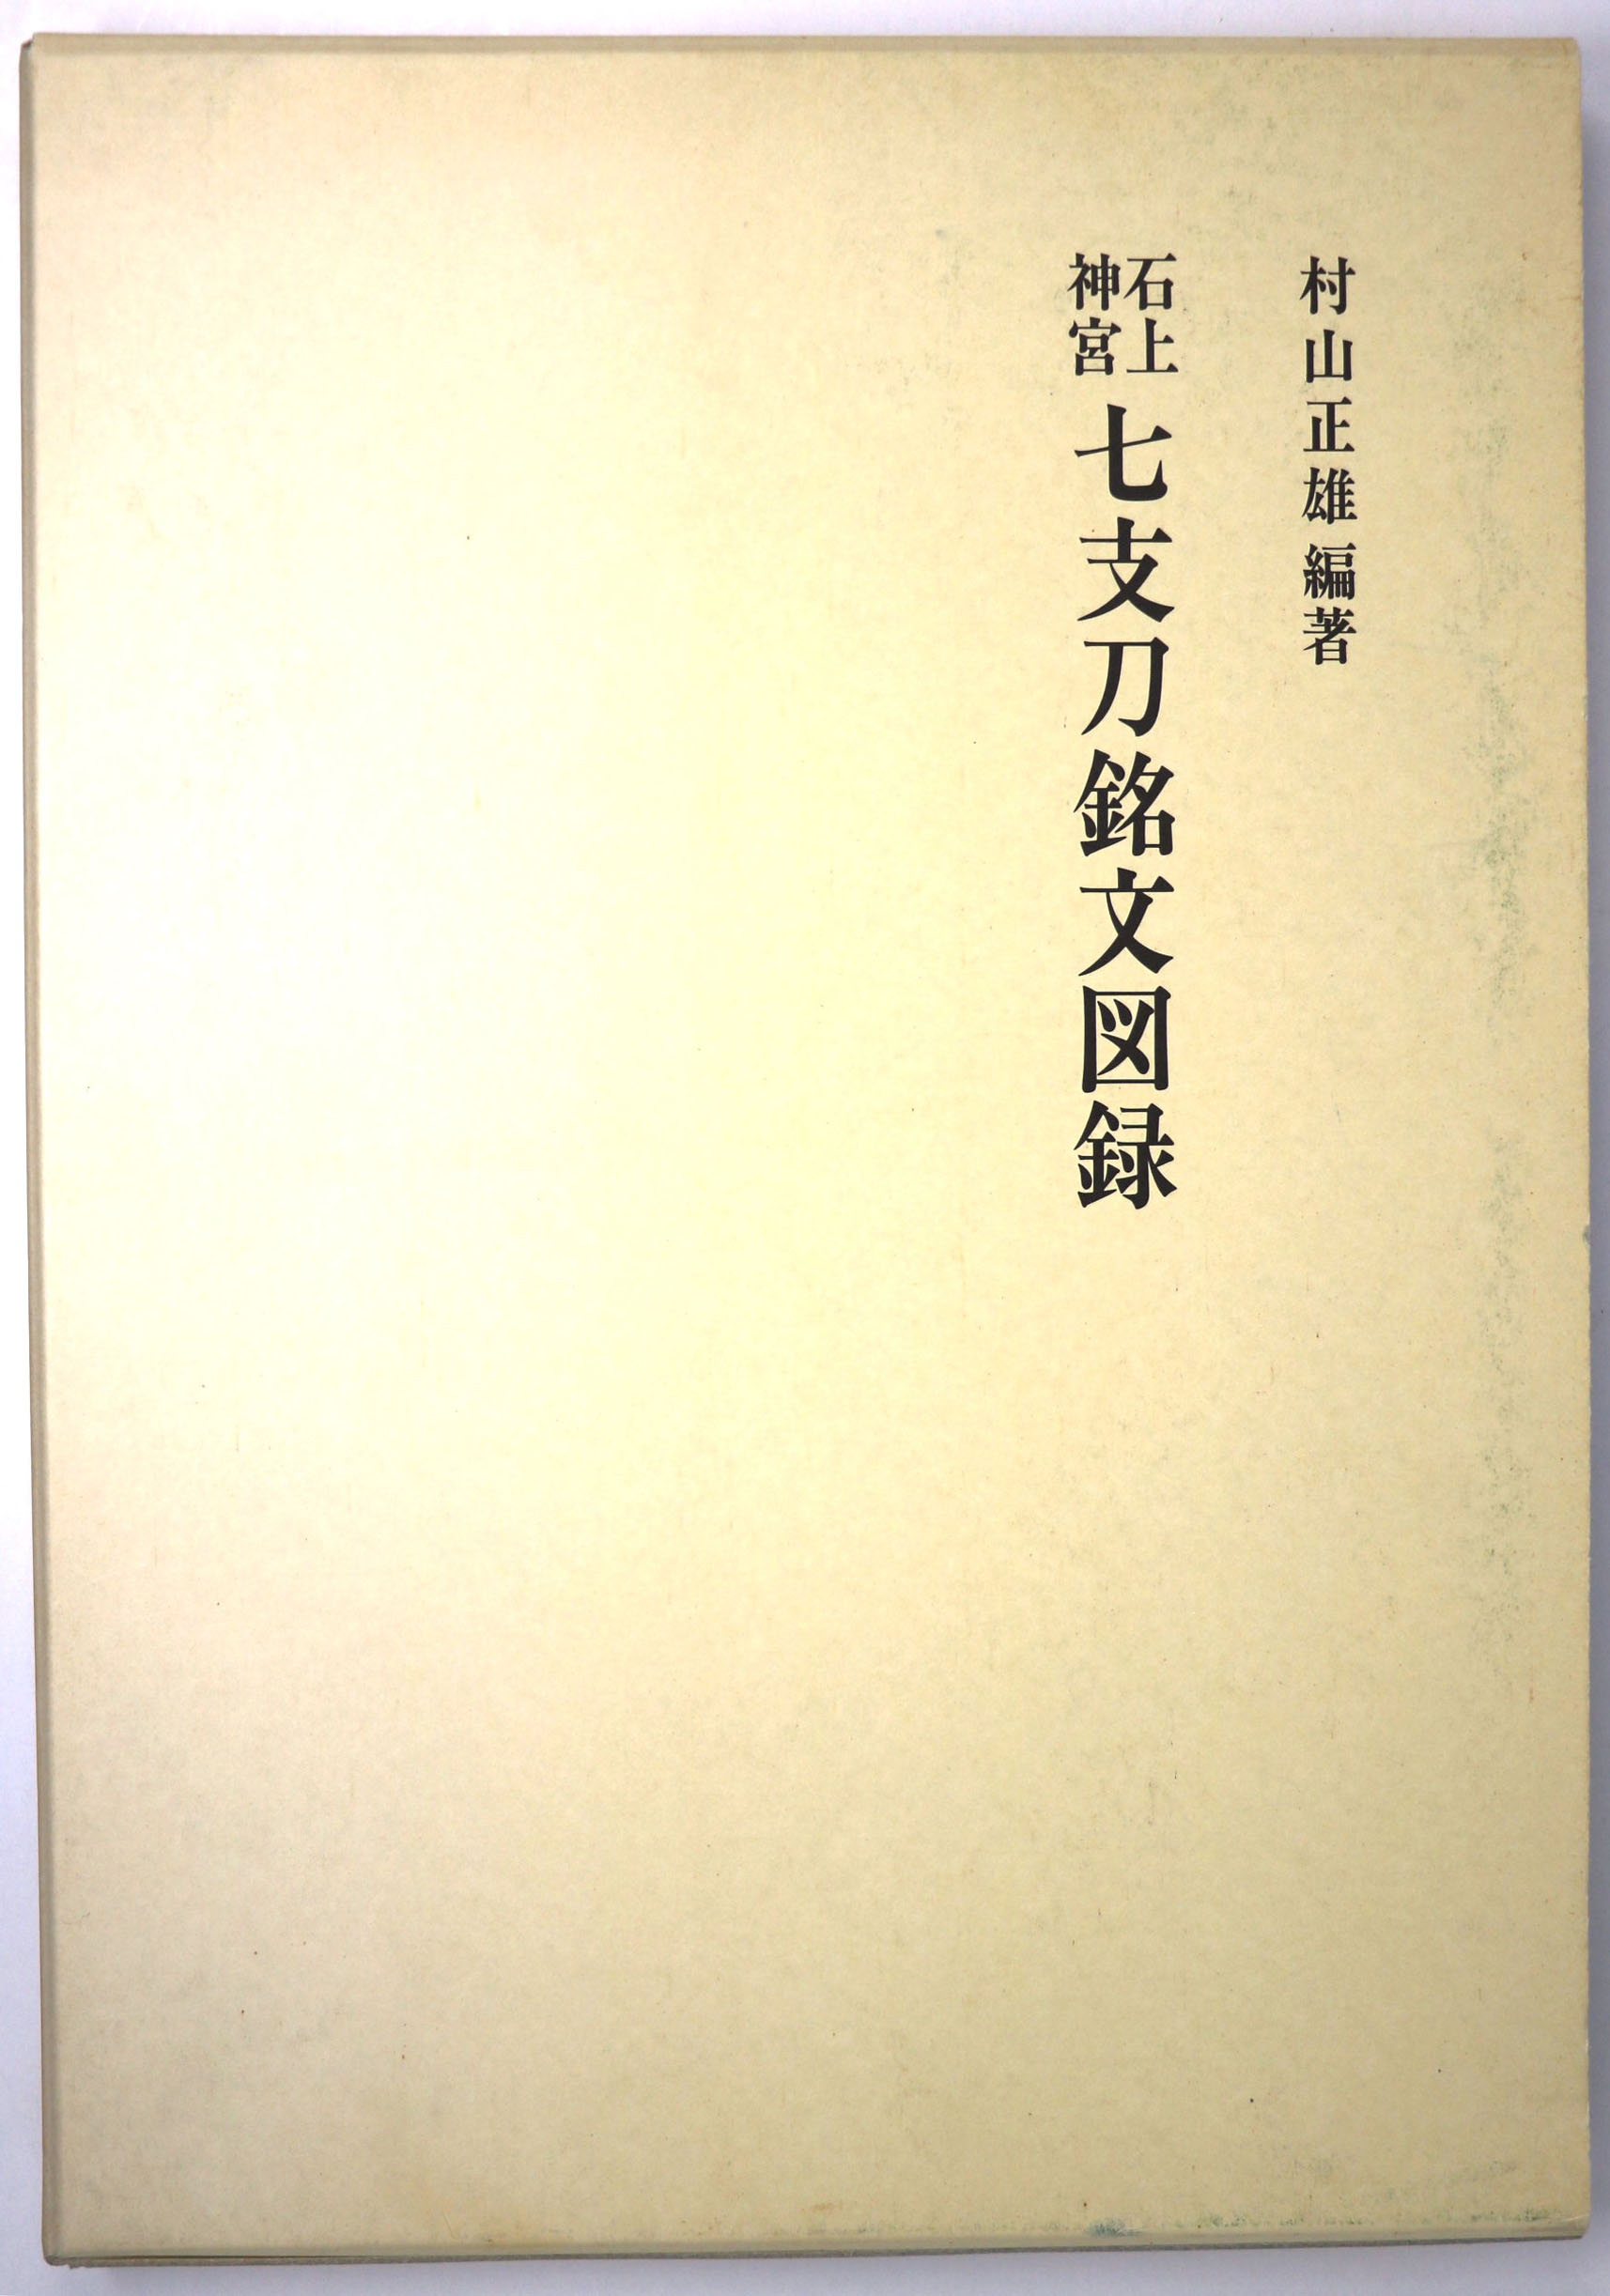 石上神宮 七支刀銘文図録